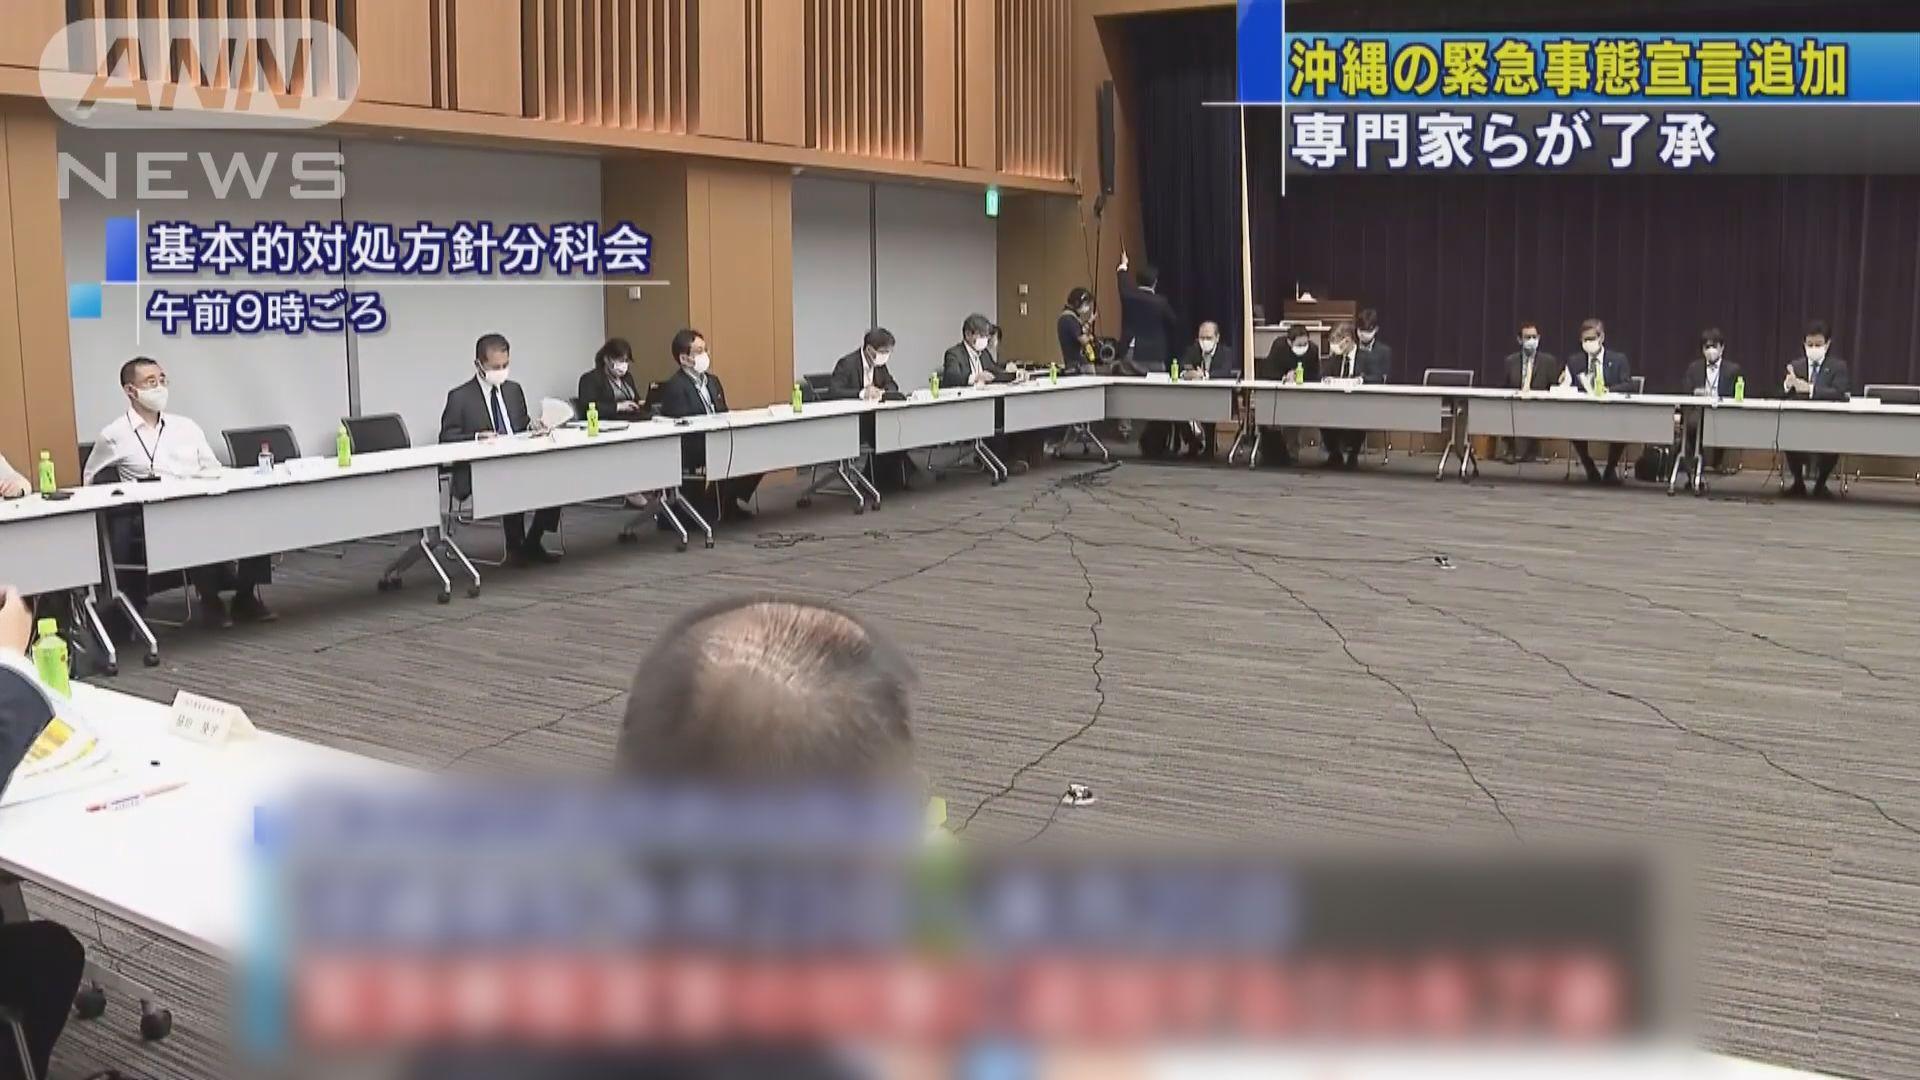 日本政府專家同意在沖繩發布緊急事態宣言